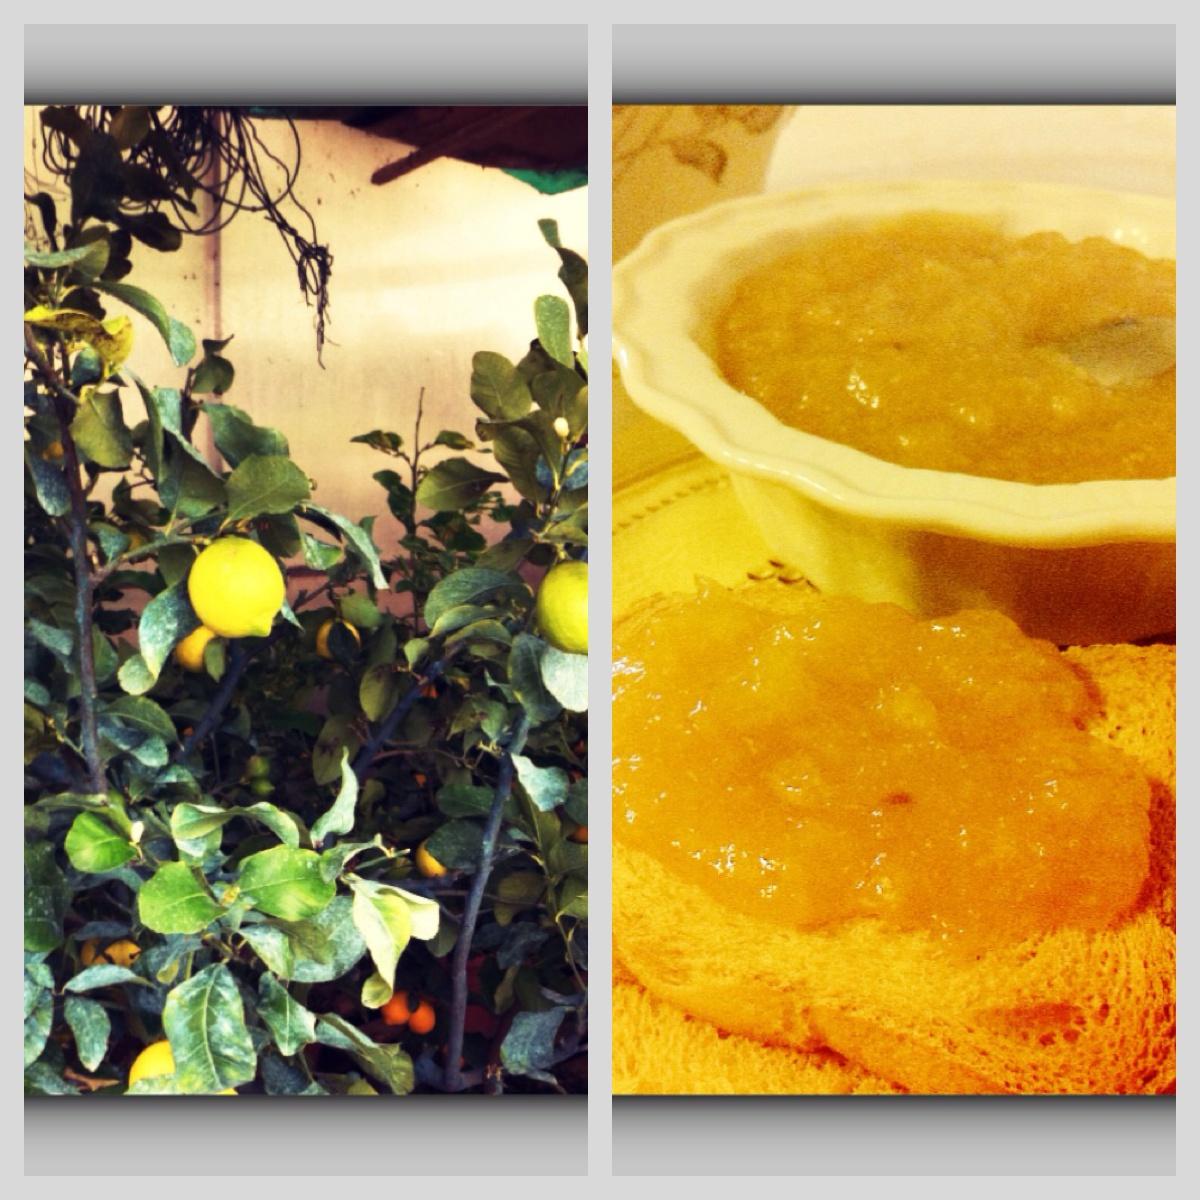 marmellata-di-limoni-passata-9.JPG